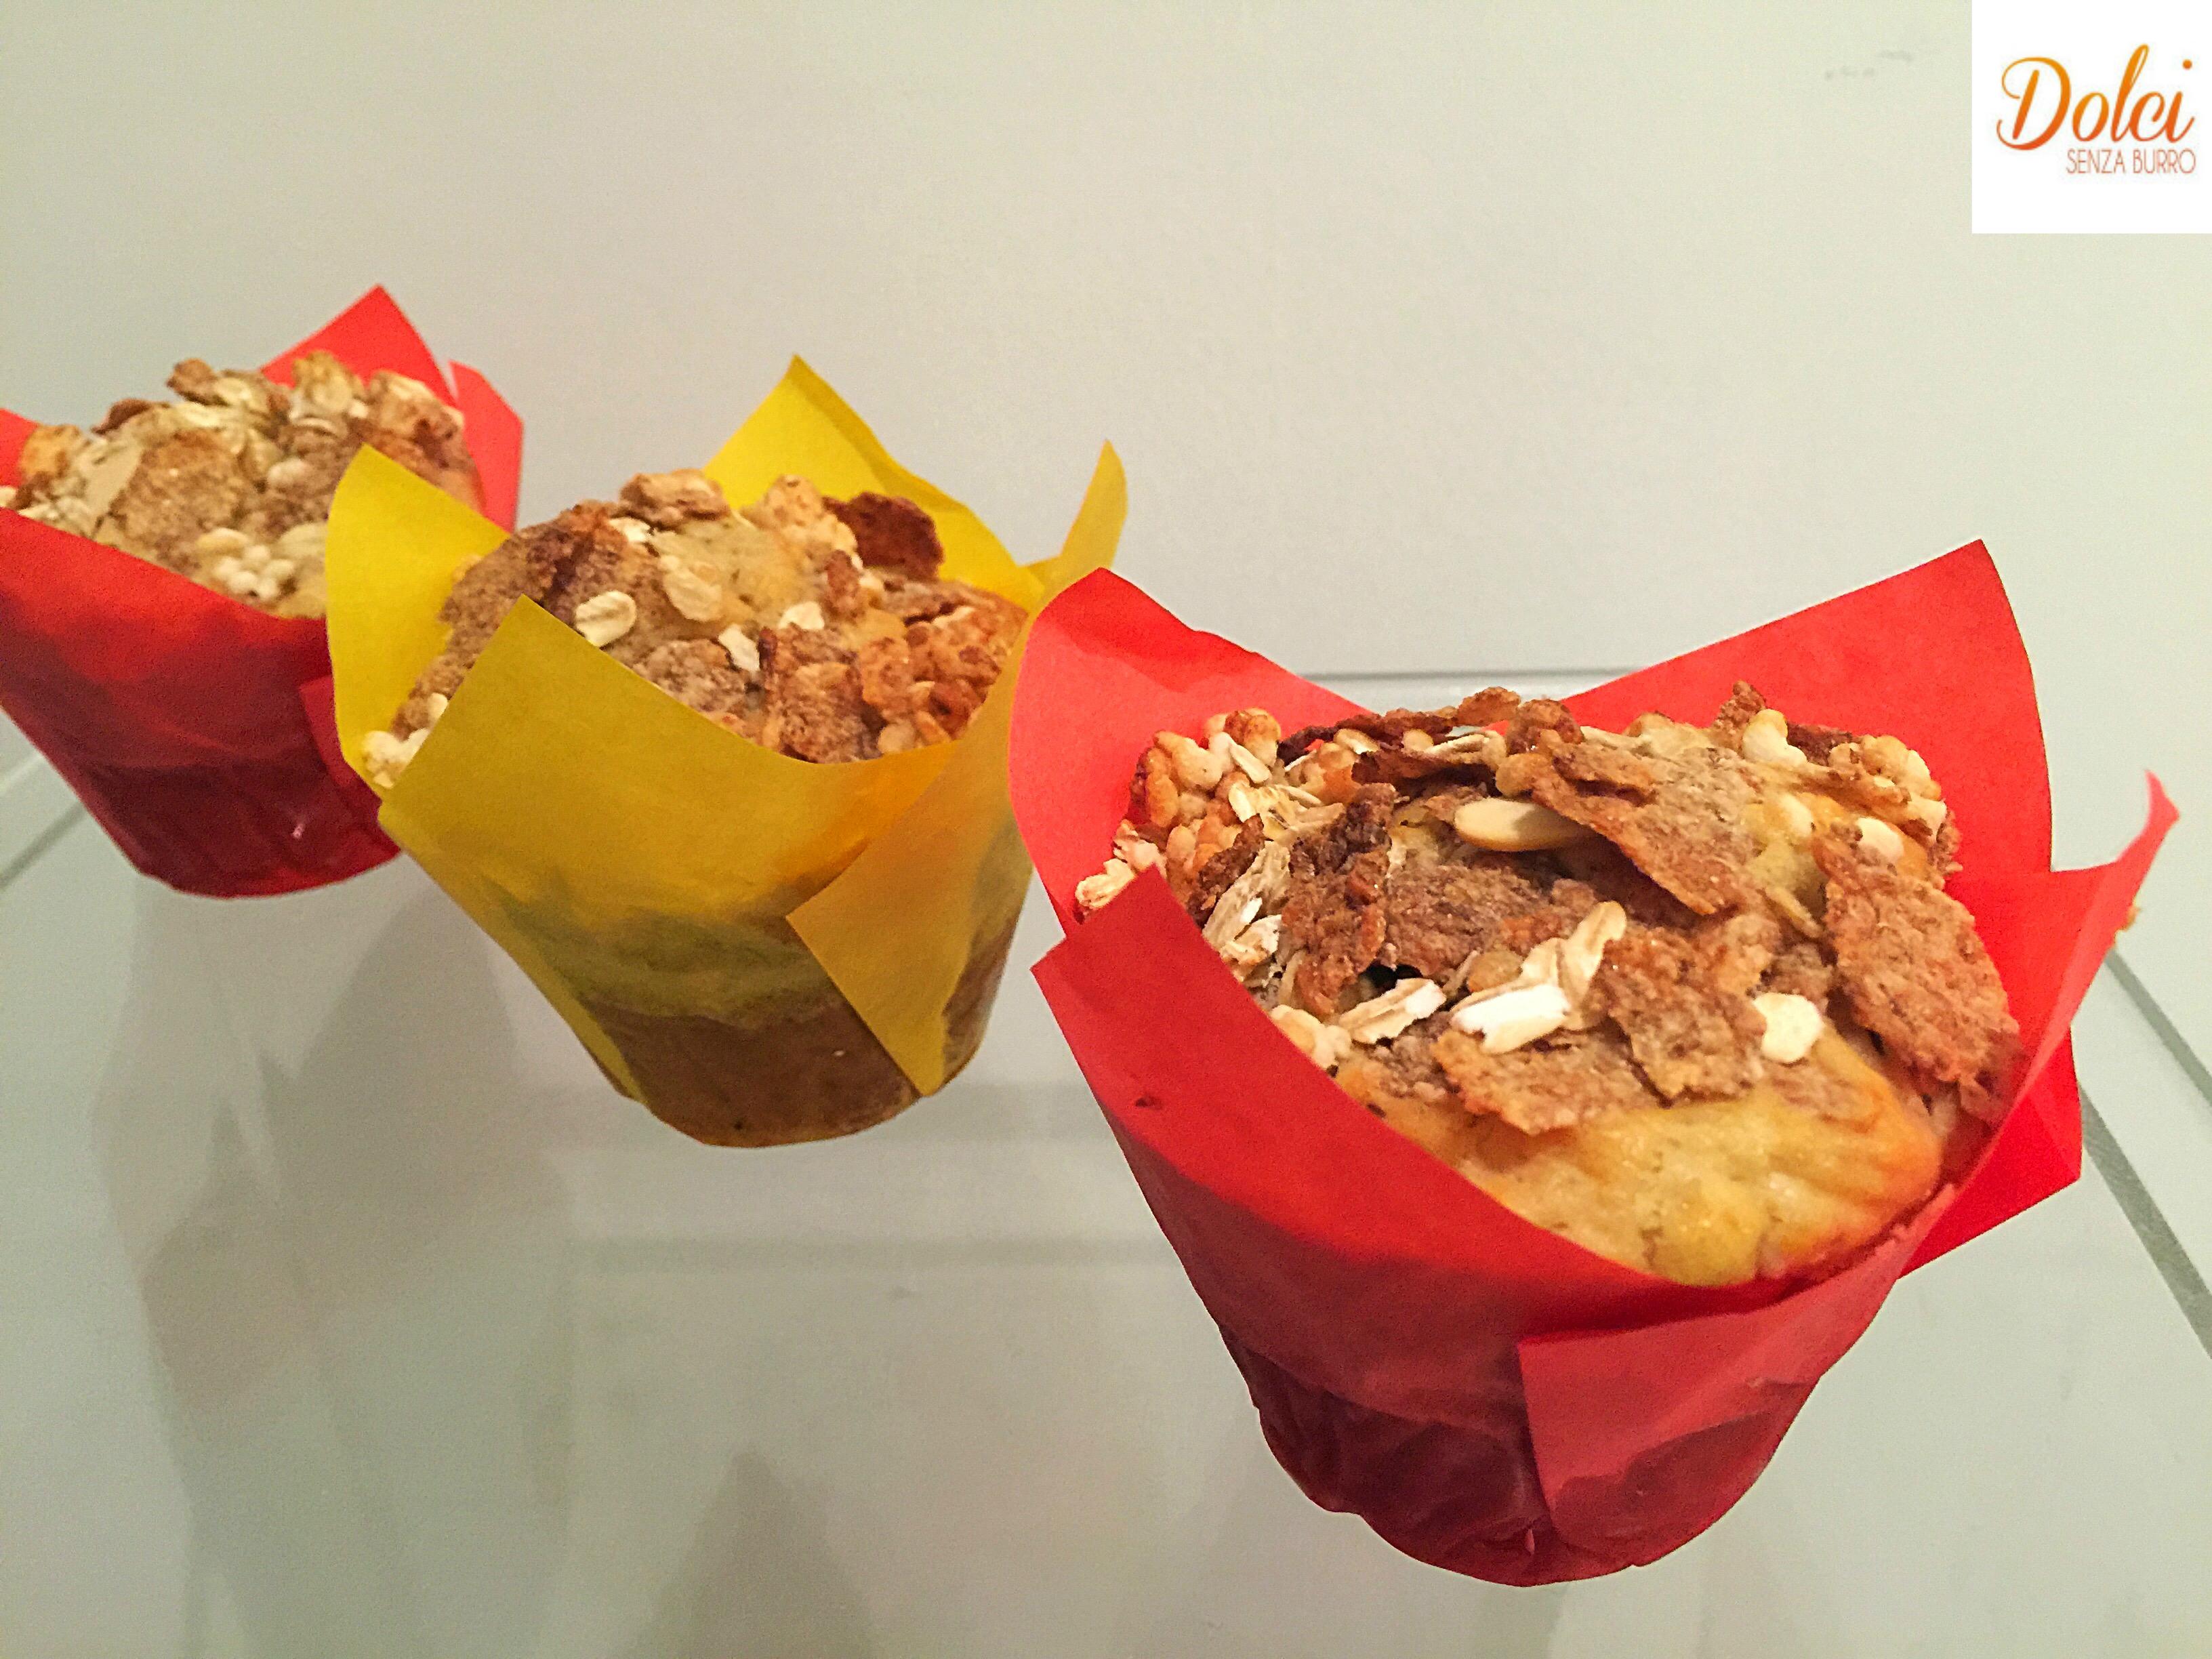 Muffin ai Cereali Senza Burro, golosi grazie all'aggiunta del cioccolato bianco realizzati da dolci senza burro